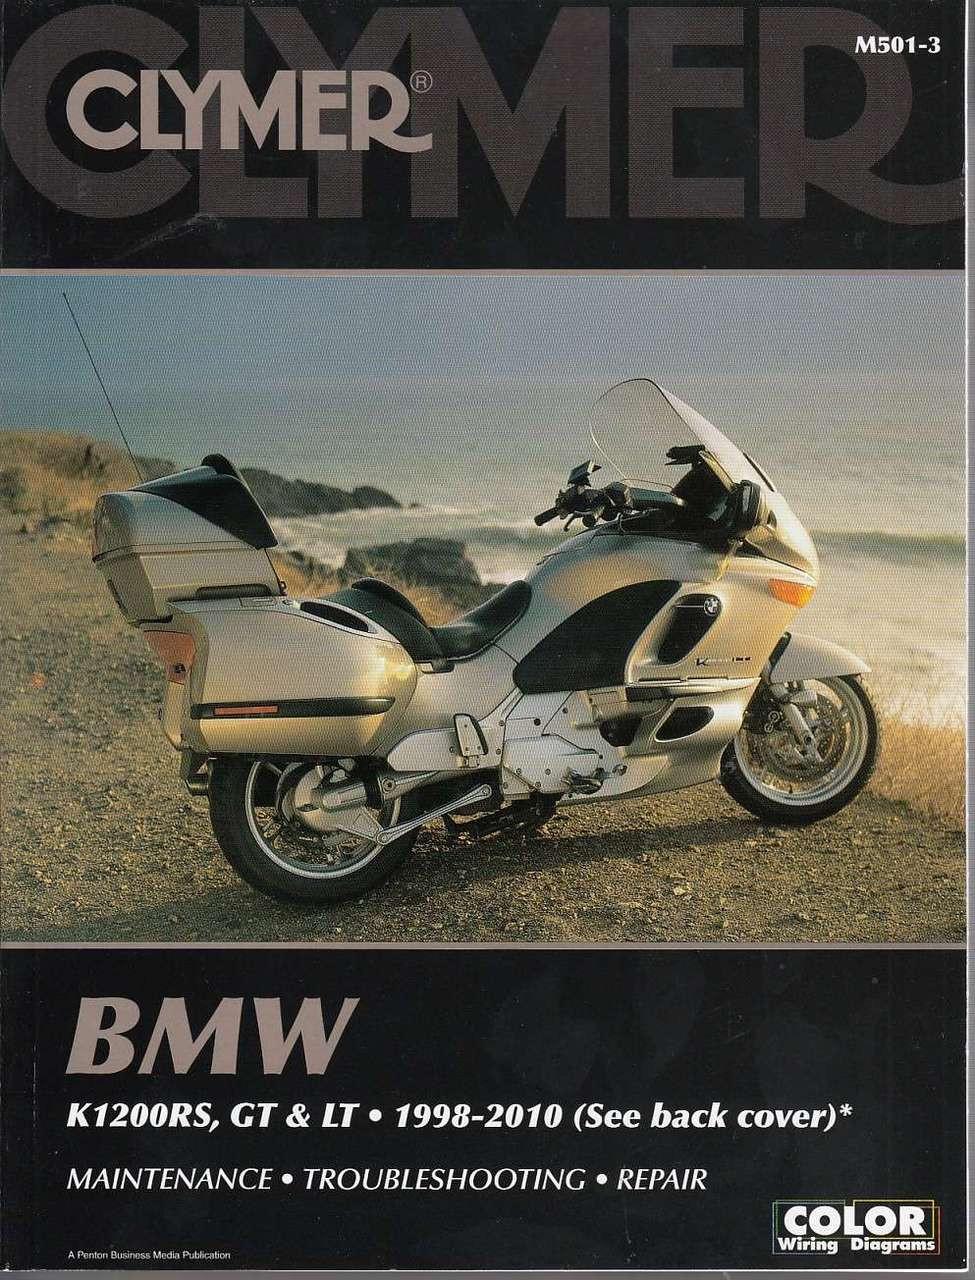 bmw k1200rs k1200gt and k1200lt 1998 2010 workshop manual  [ 975 x 1280 Pixel ]